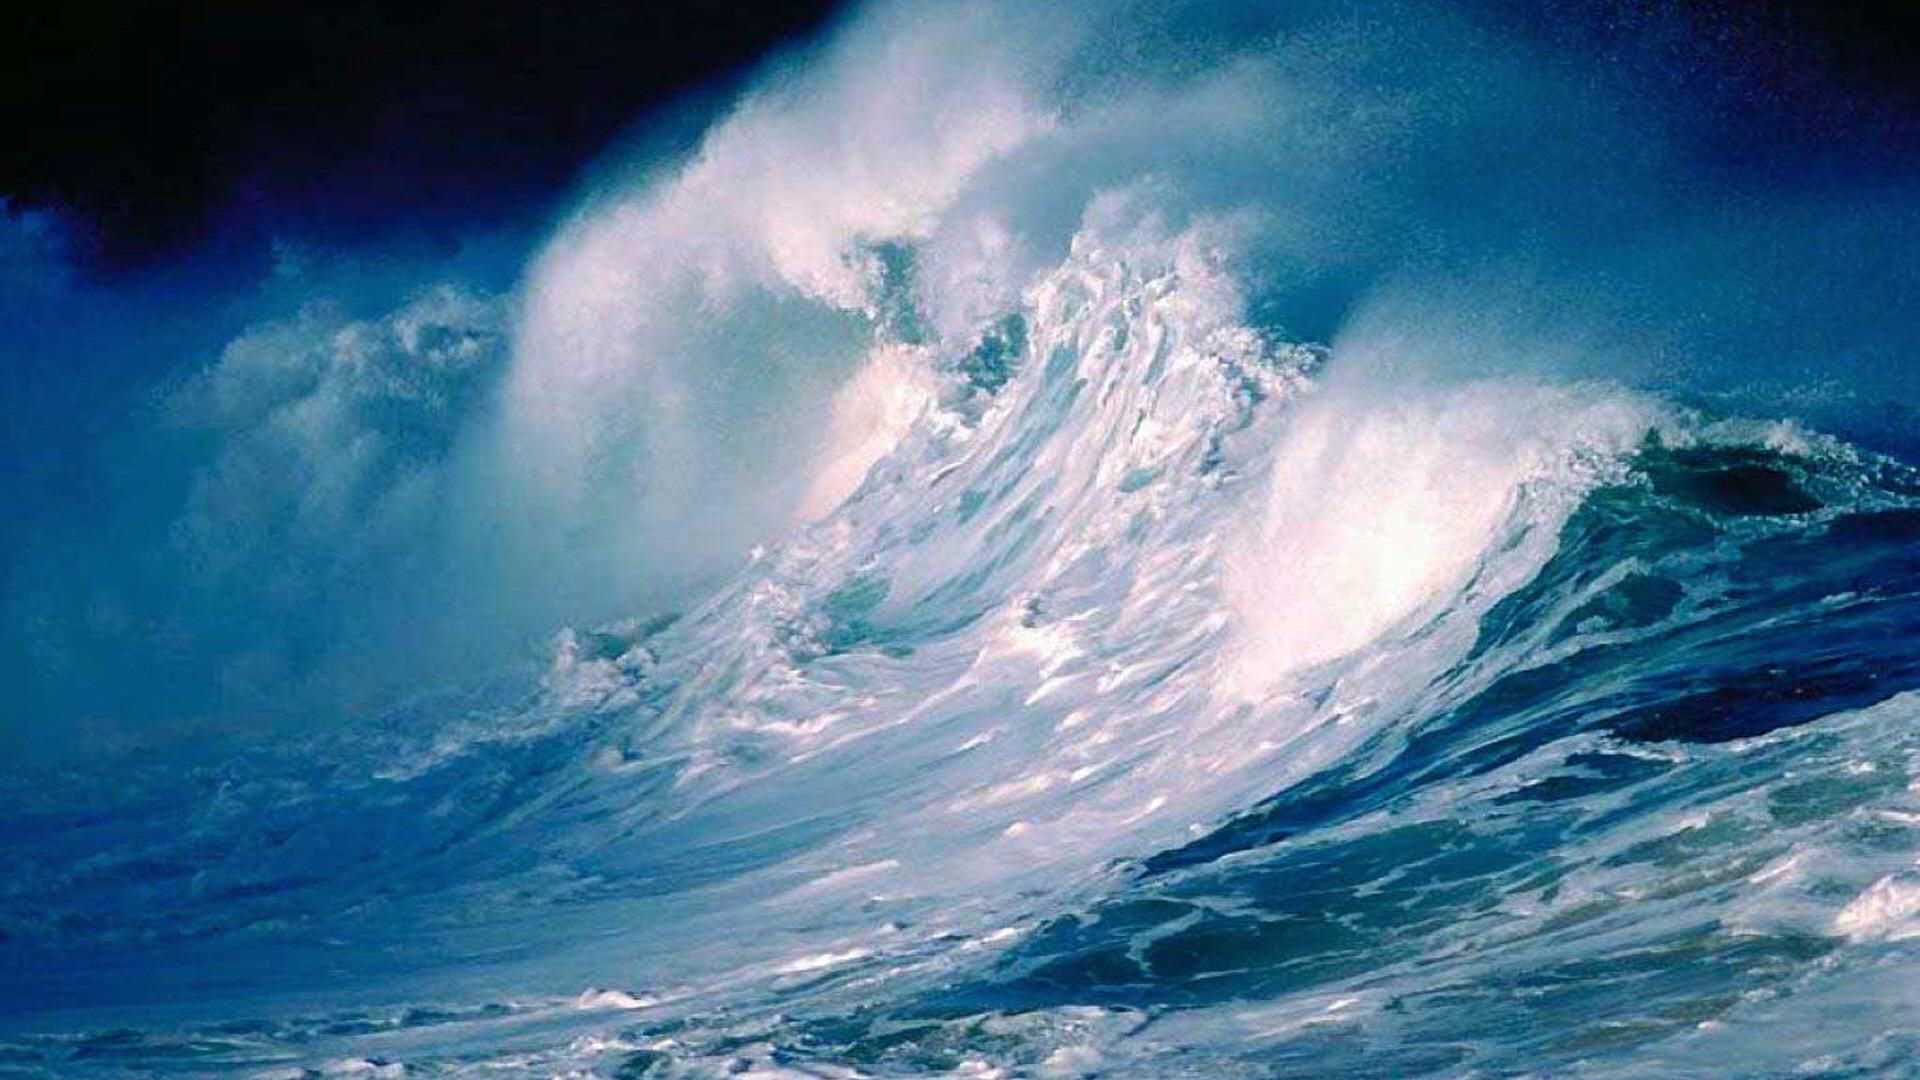 Ocean Scenes wallpapers HD free – 369552